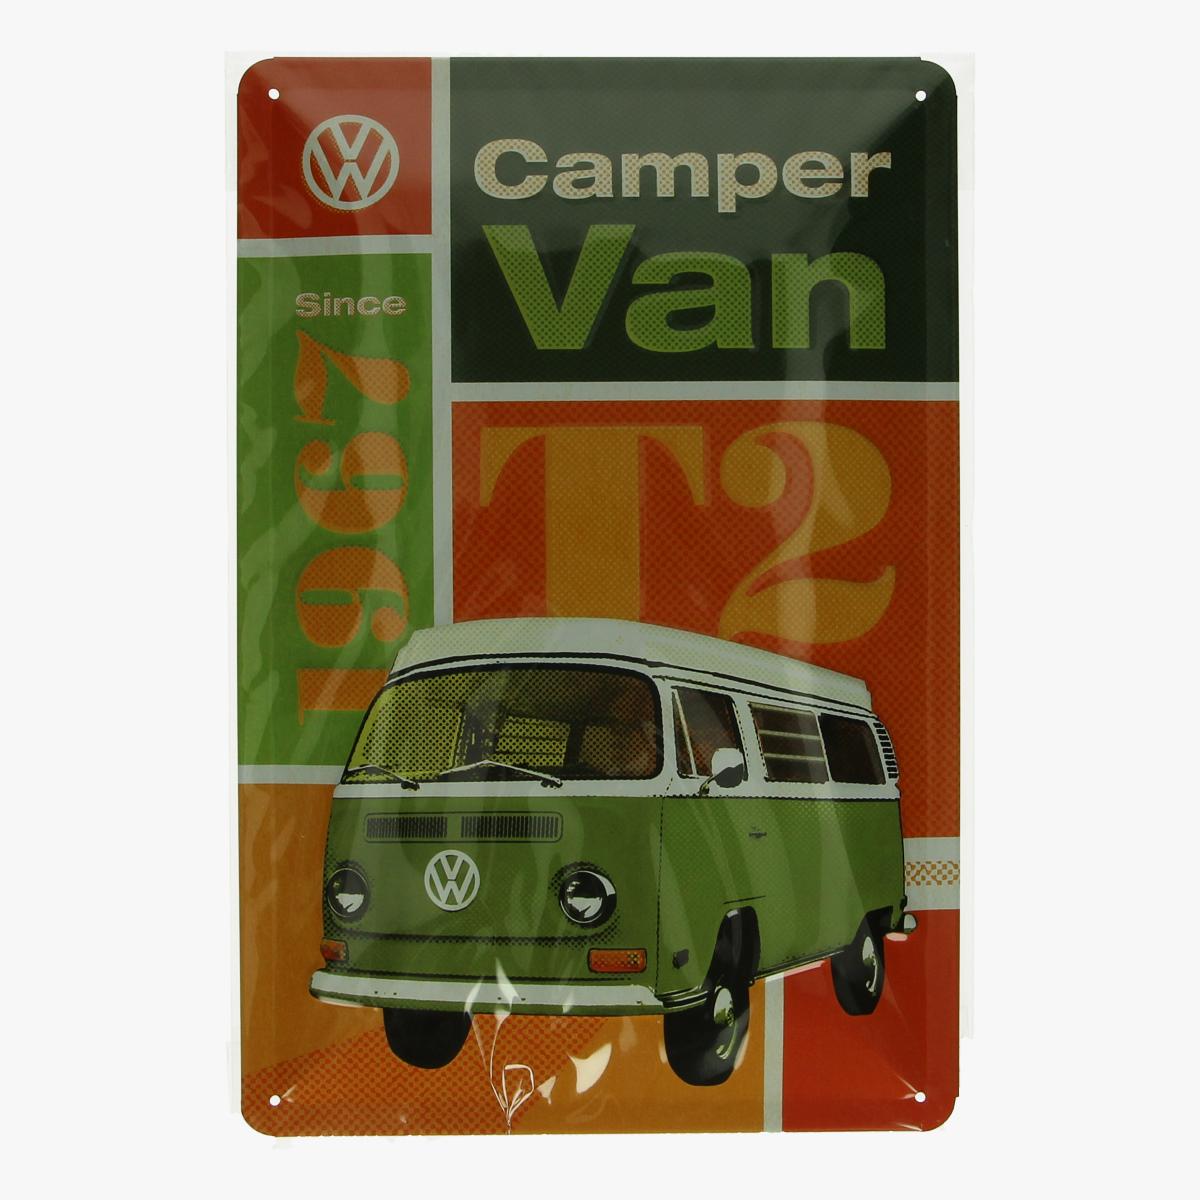 Afbeeldingen van blikken bordje volkswagen camper van T2 geseald repro